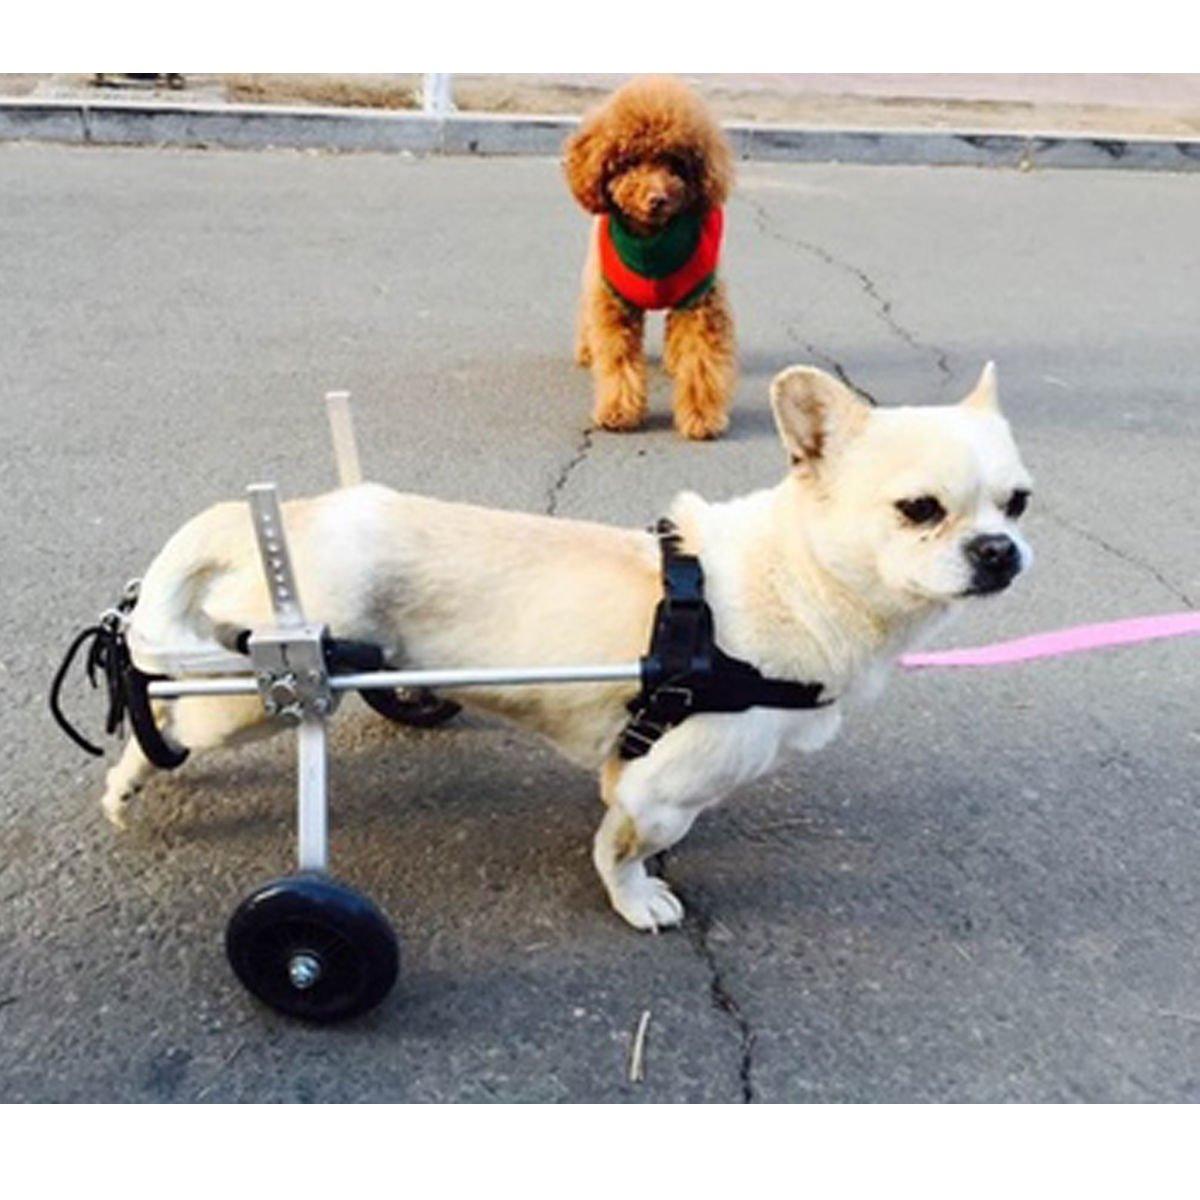 Chende Laisse pour chien réglable - Fauteuil roulant pour animal à mobilité réduite Tochic company